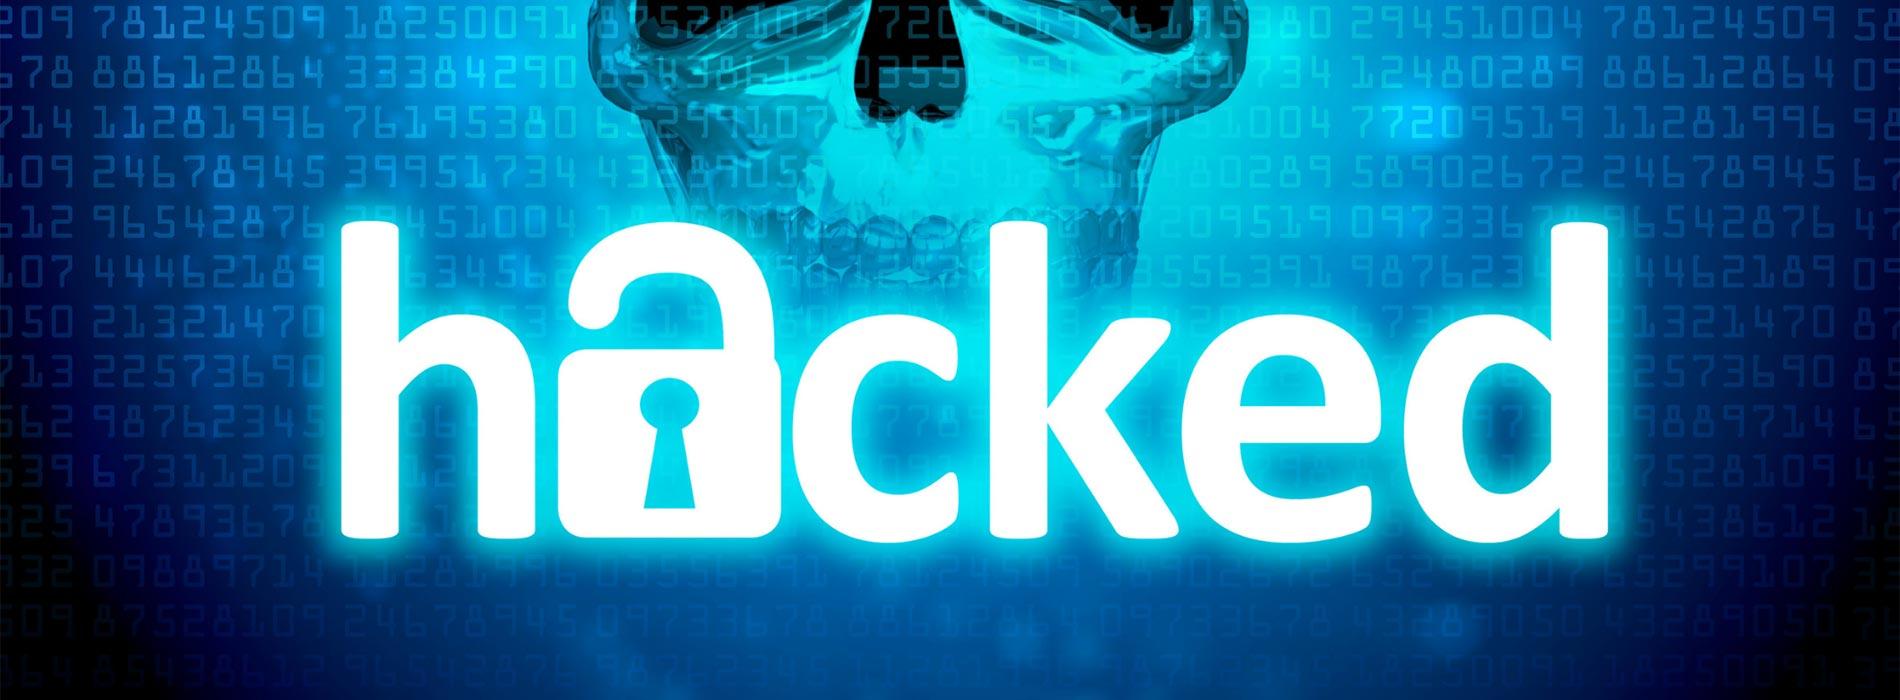 Hackerangriffe im Homeoffice – Wer bezahlt den Schaden?